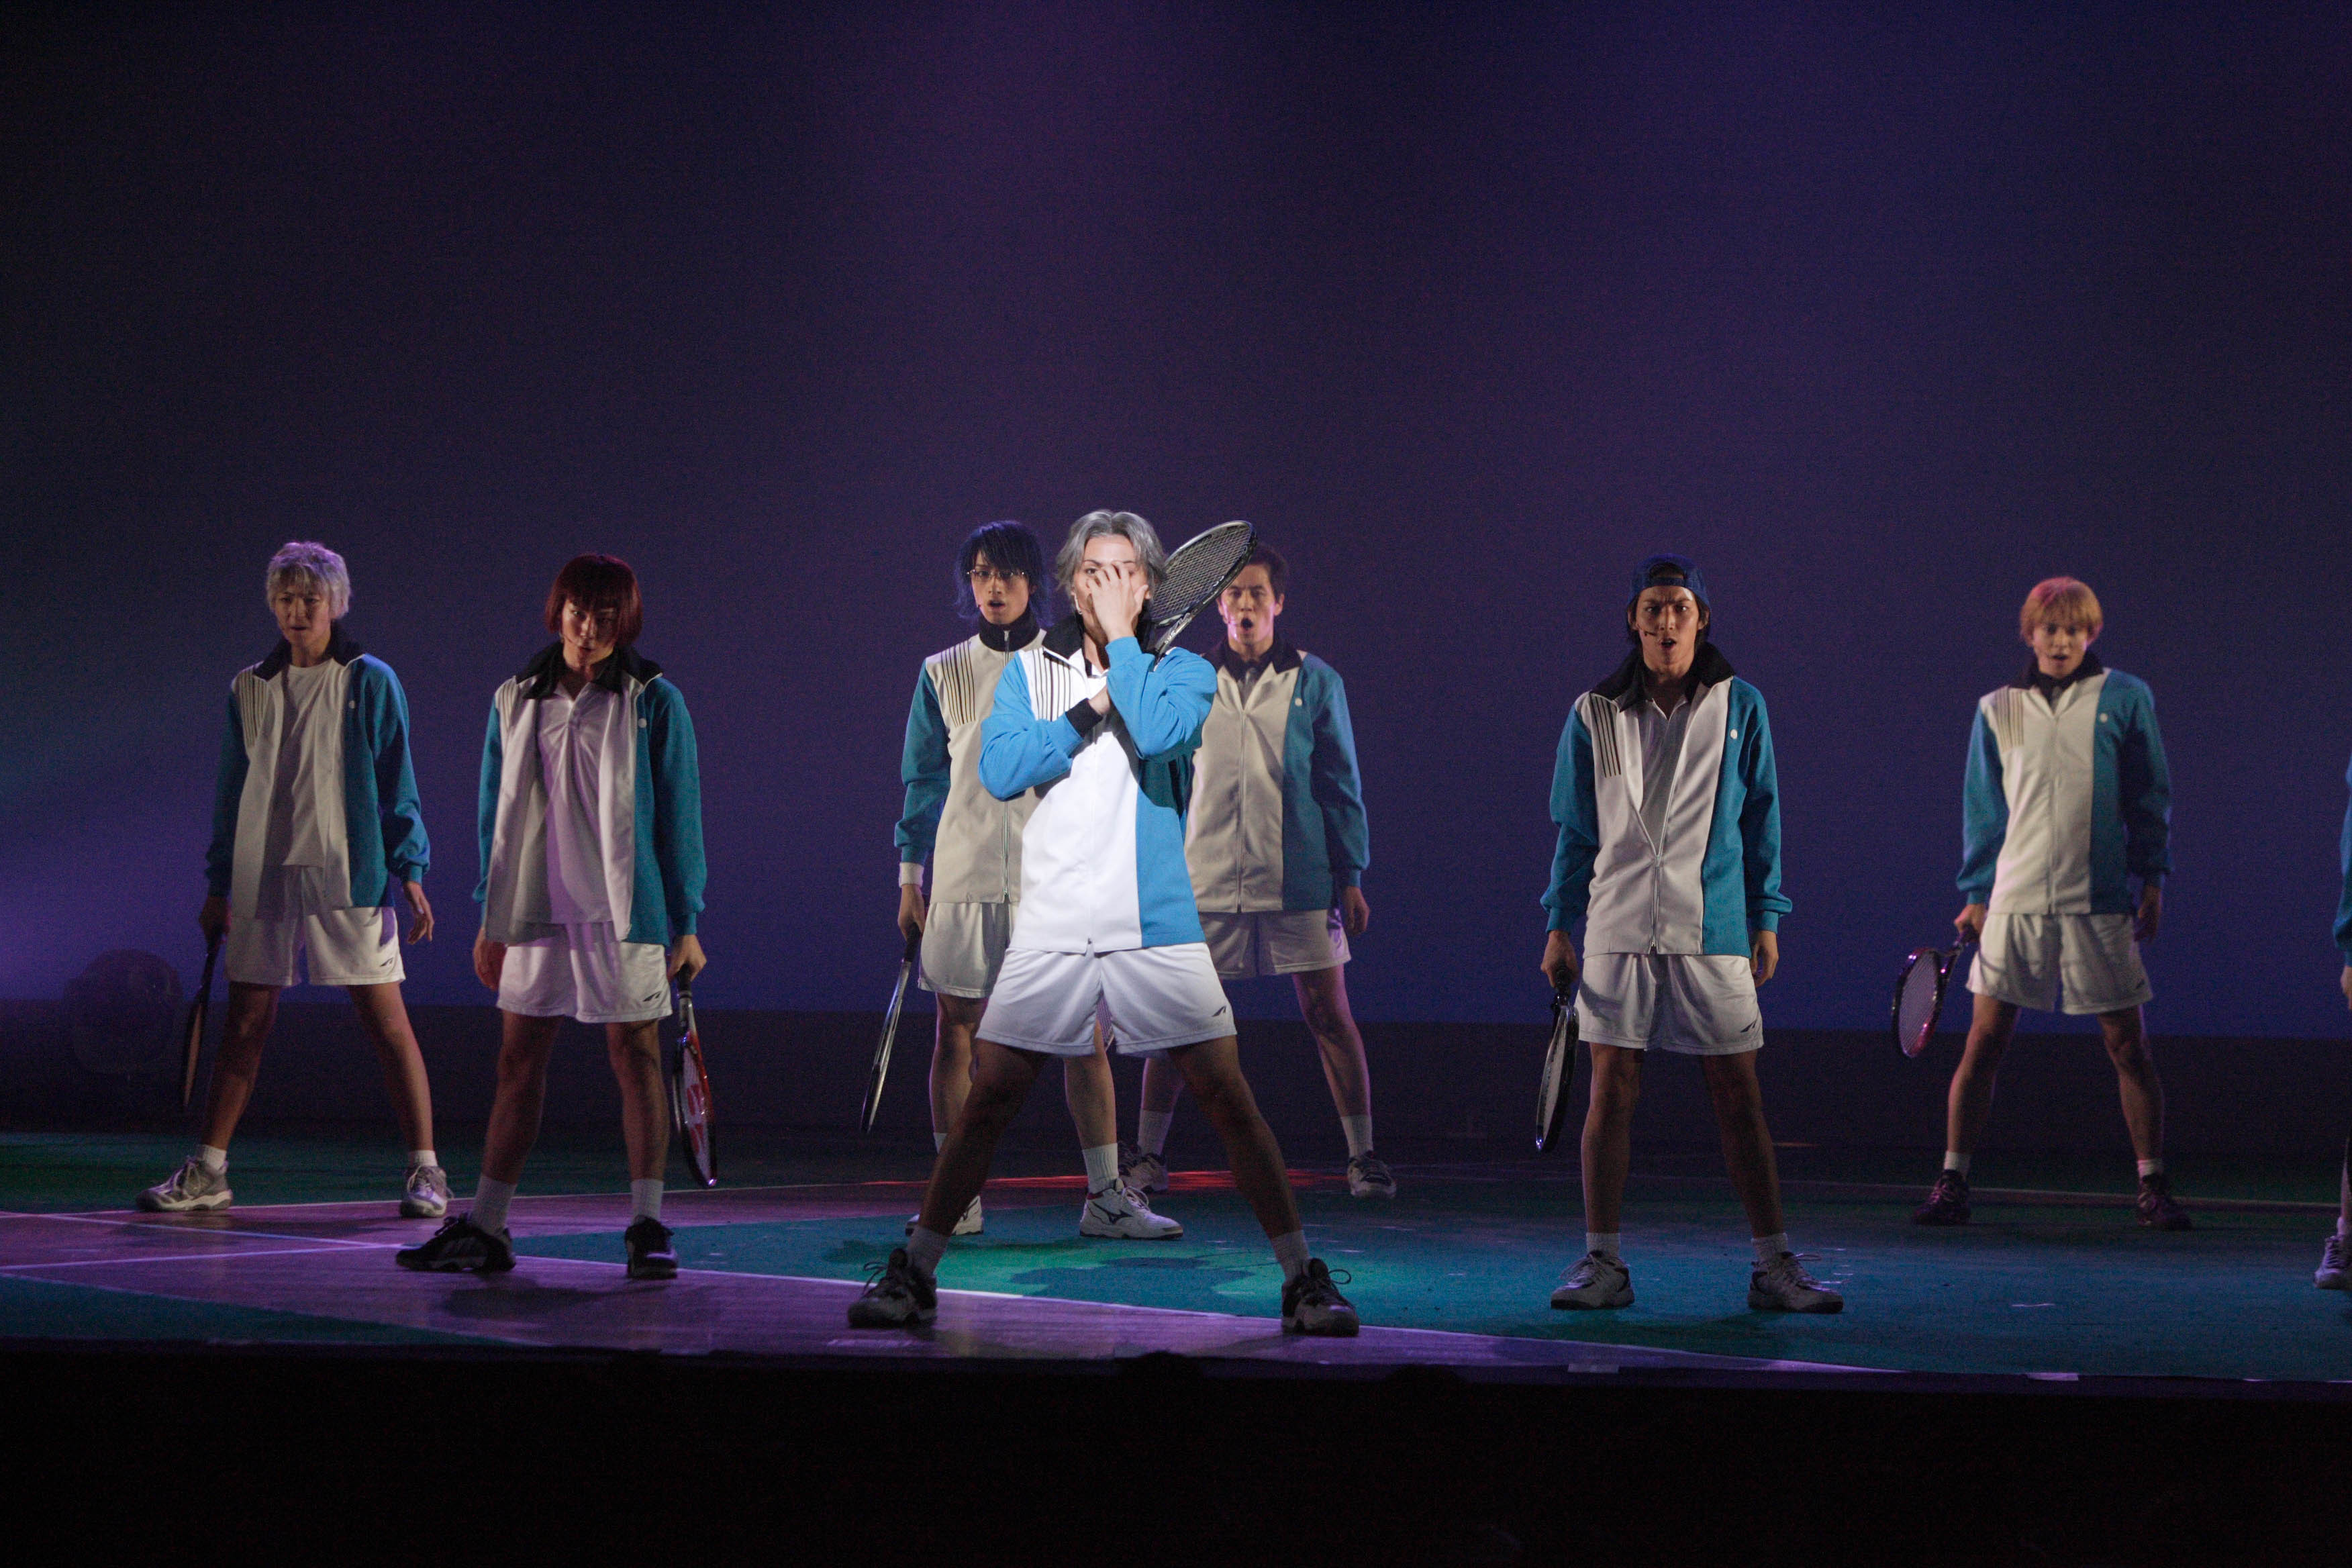 ミュージカル『テニスの王子様』The Imperial Match 氷帝学園 in winter 2005-2006より 中央:加藤和樹、後方:斎藤工